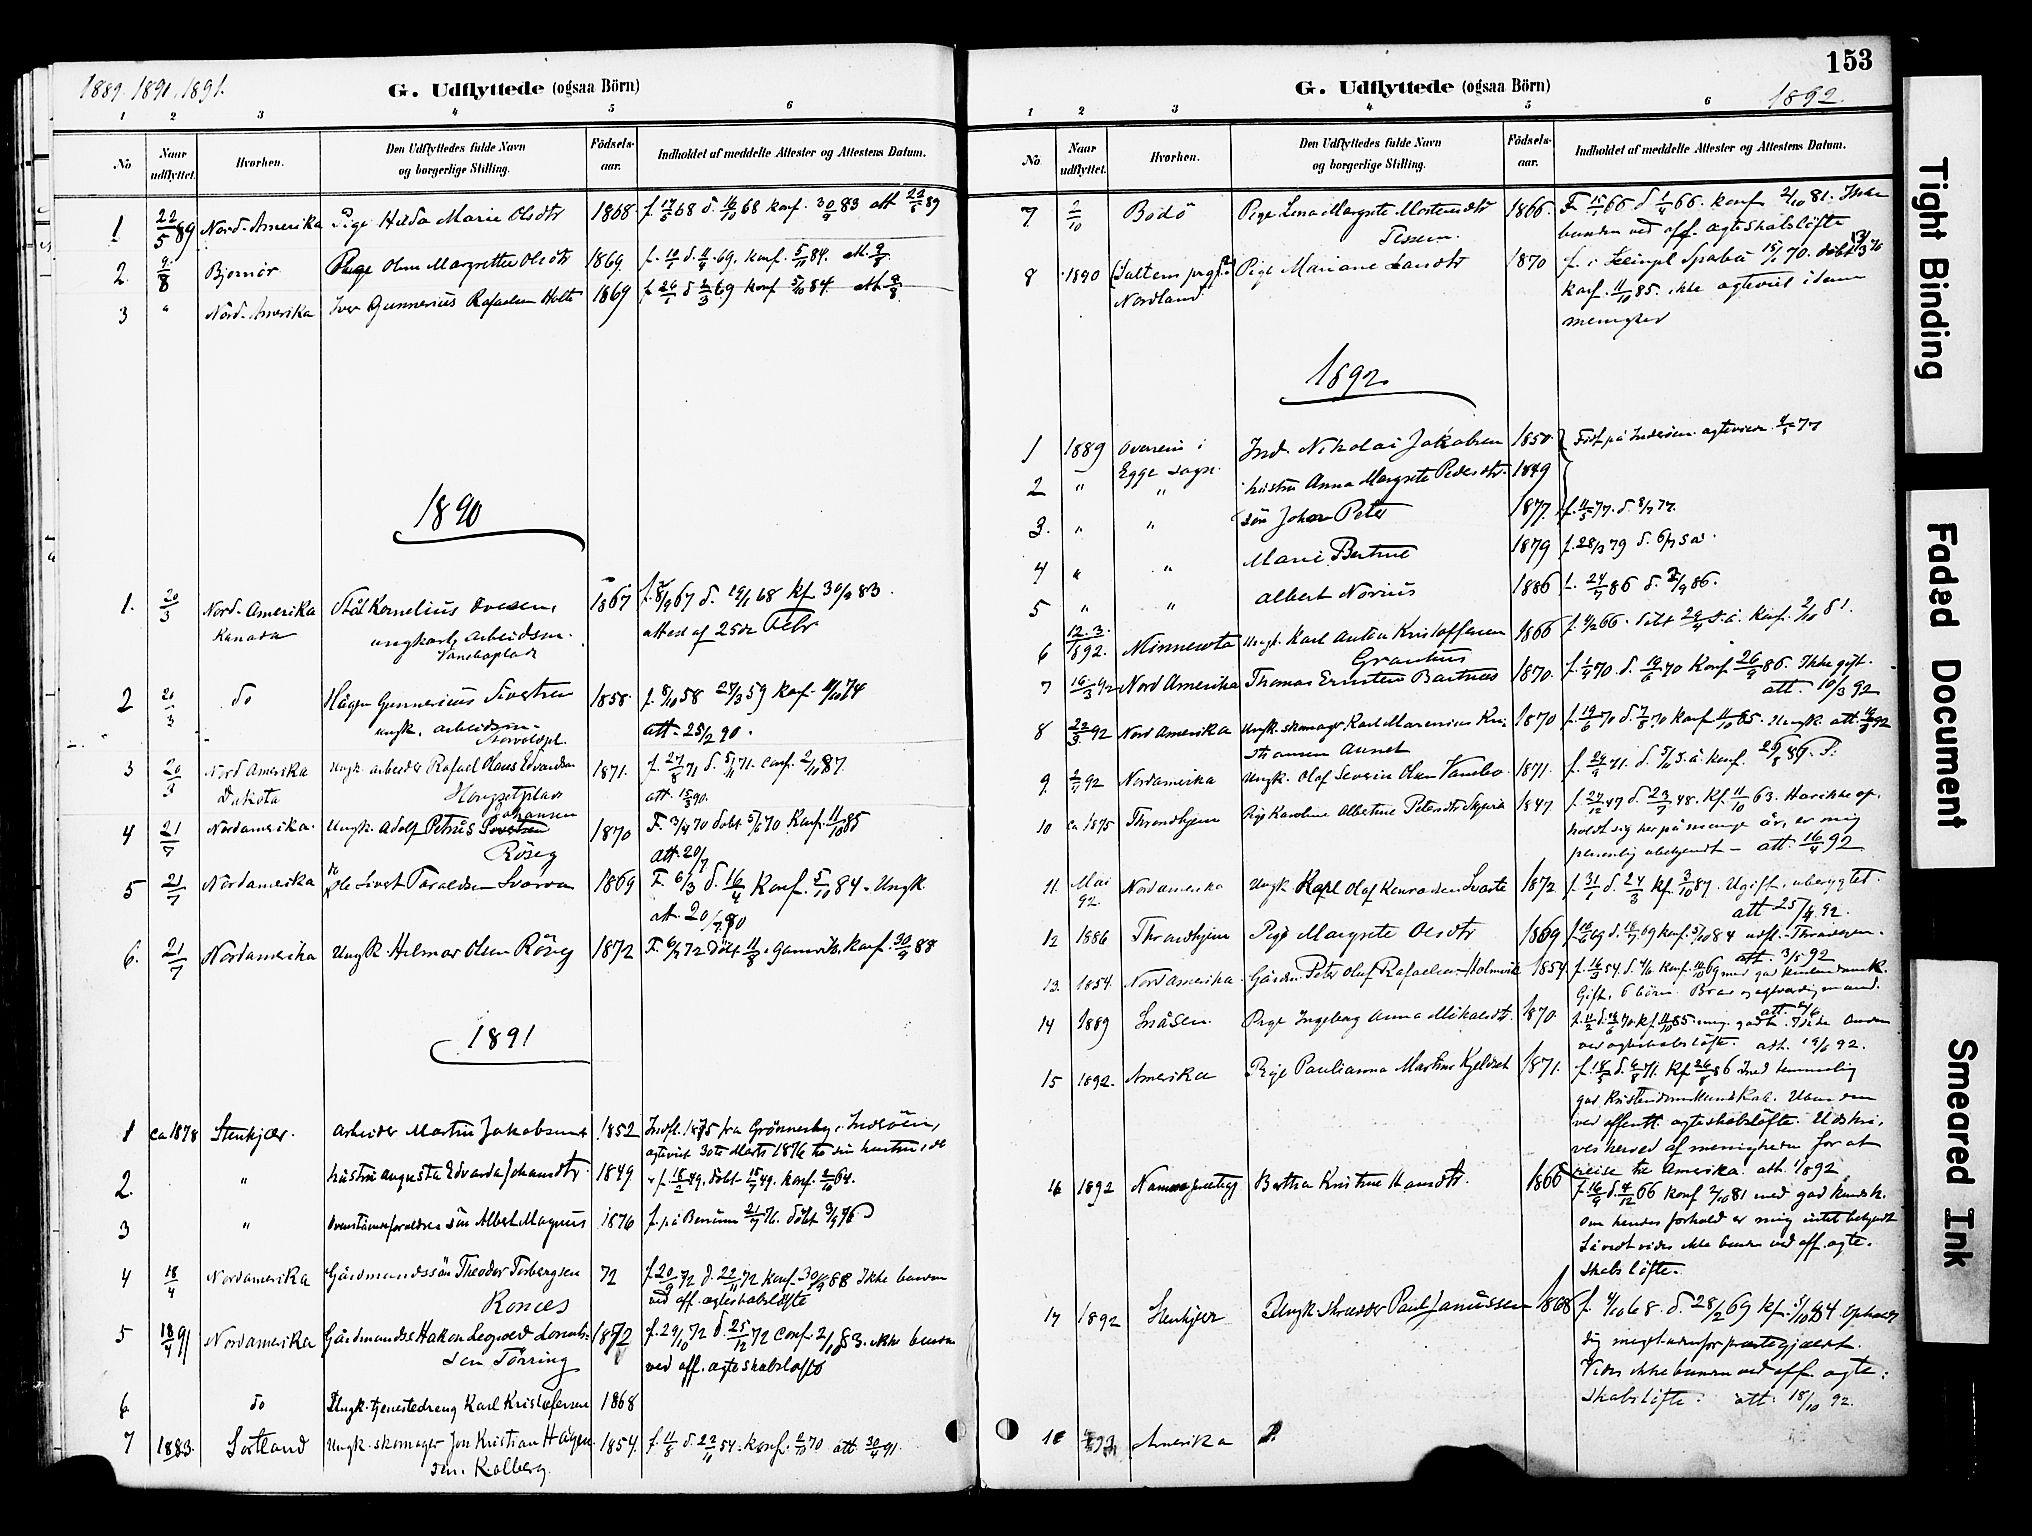 SAT, Ministerialprotokoller, klokkerbøker og fødselsregistre - Nord-Trøndelag, 741/L0396: Ministerialbok nr. 741A10, 1889-1901, s. 153